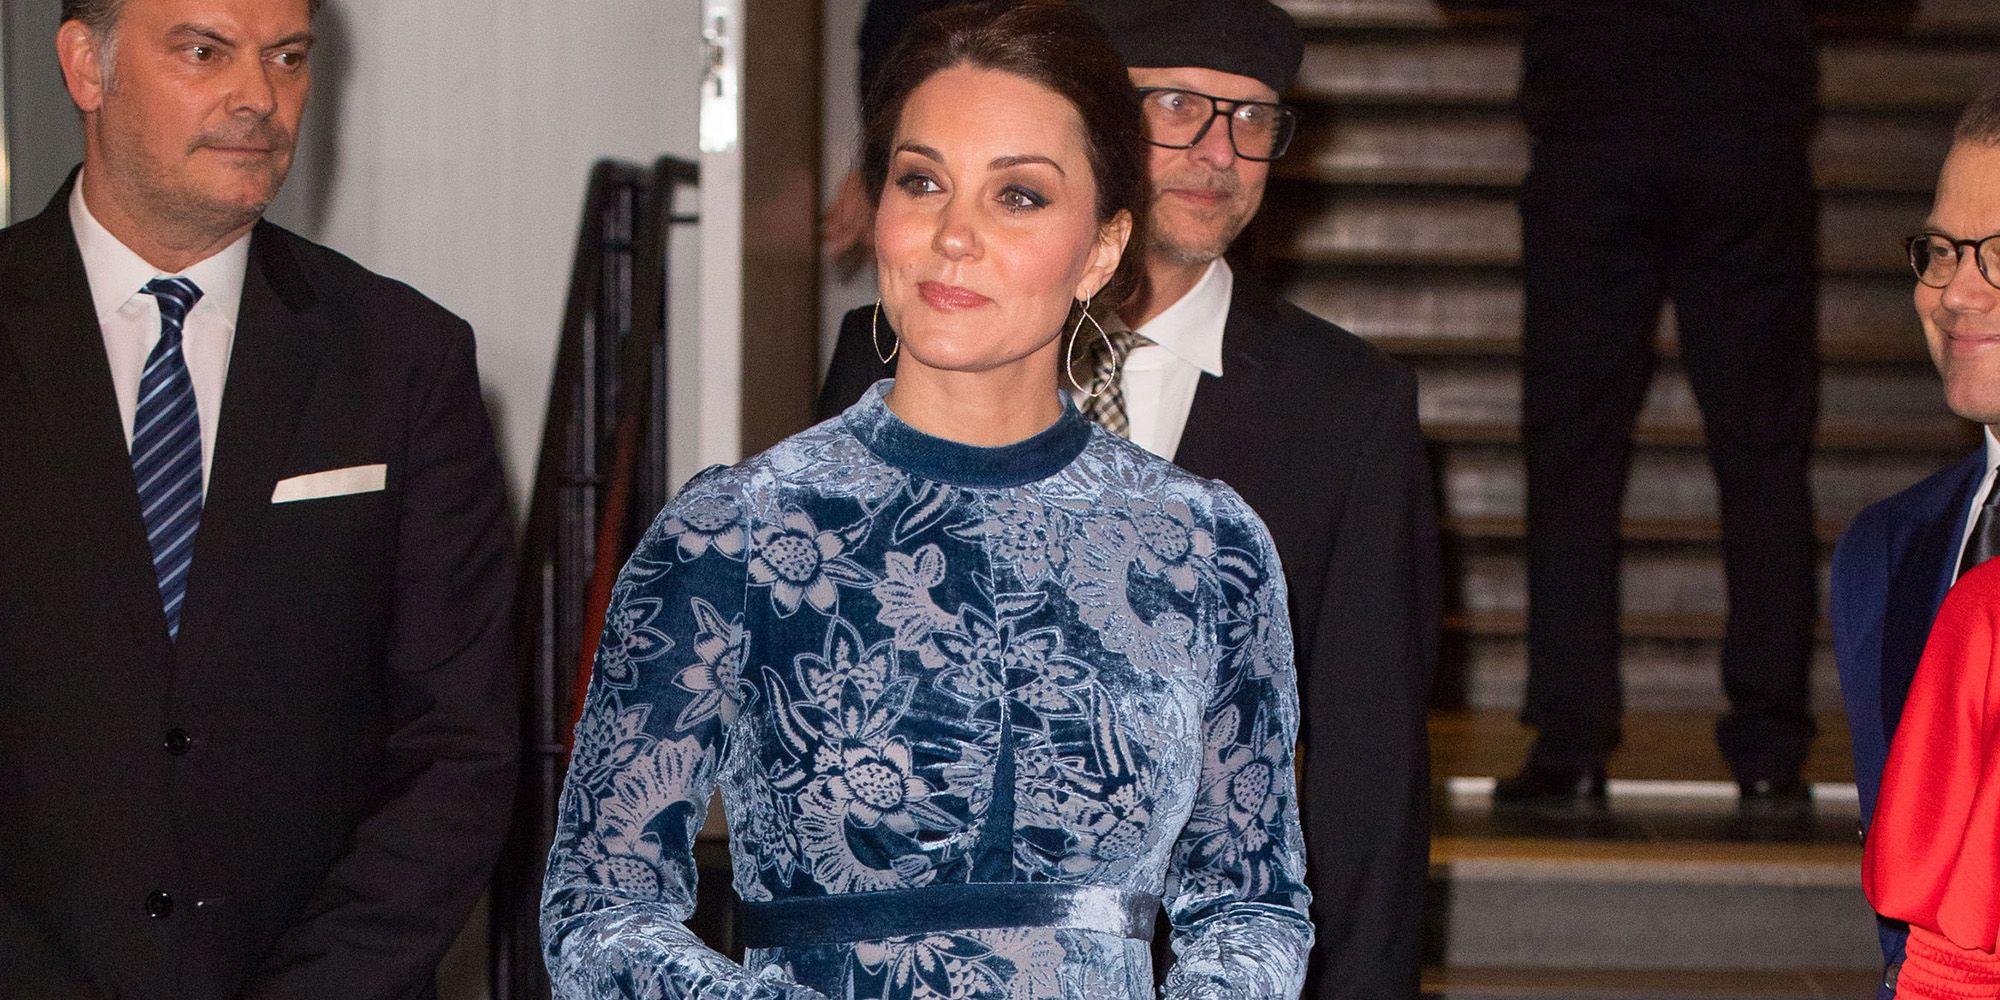 Kate Middleton Wears a Blue Velvet Dress in Stockholm Royal Tour